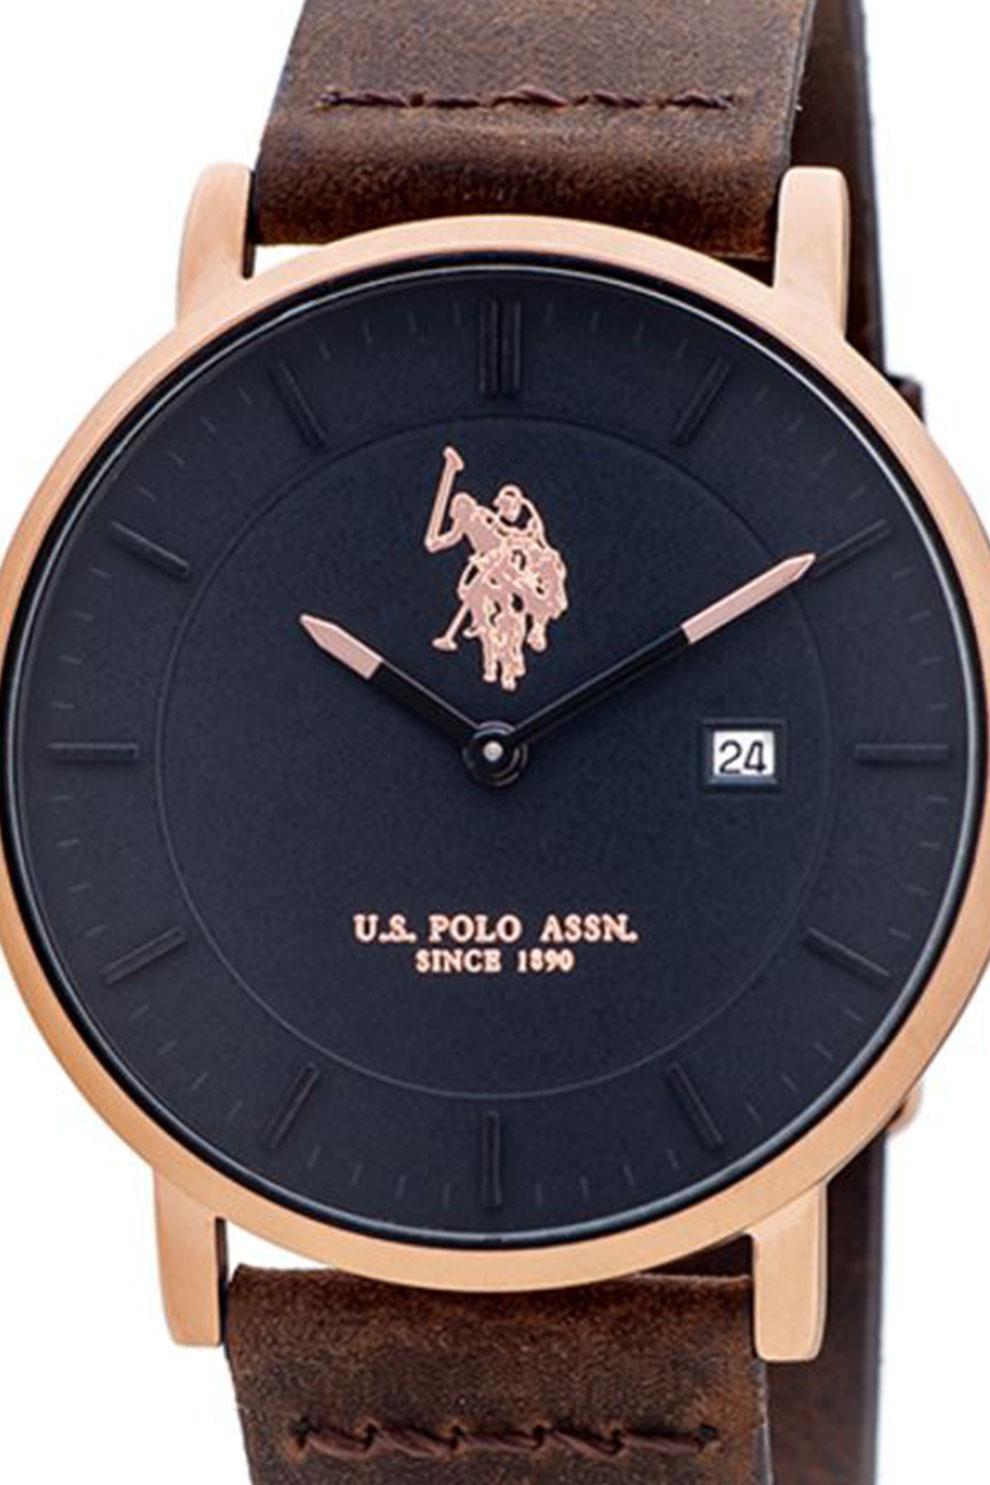 U.S. Polo Assn., Syroc kerek karóra szilikonszíjjal